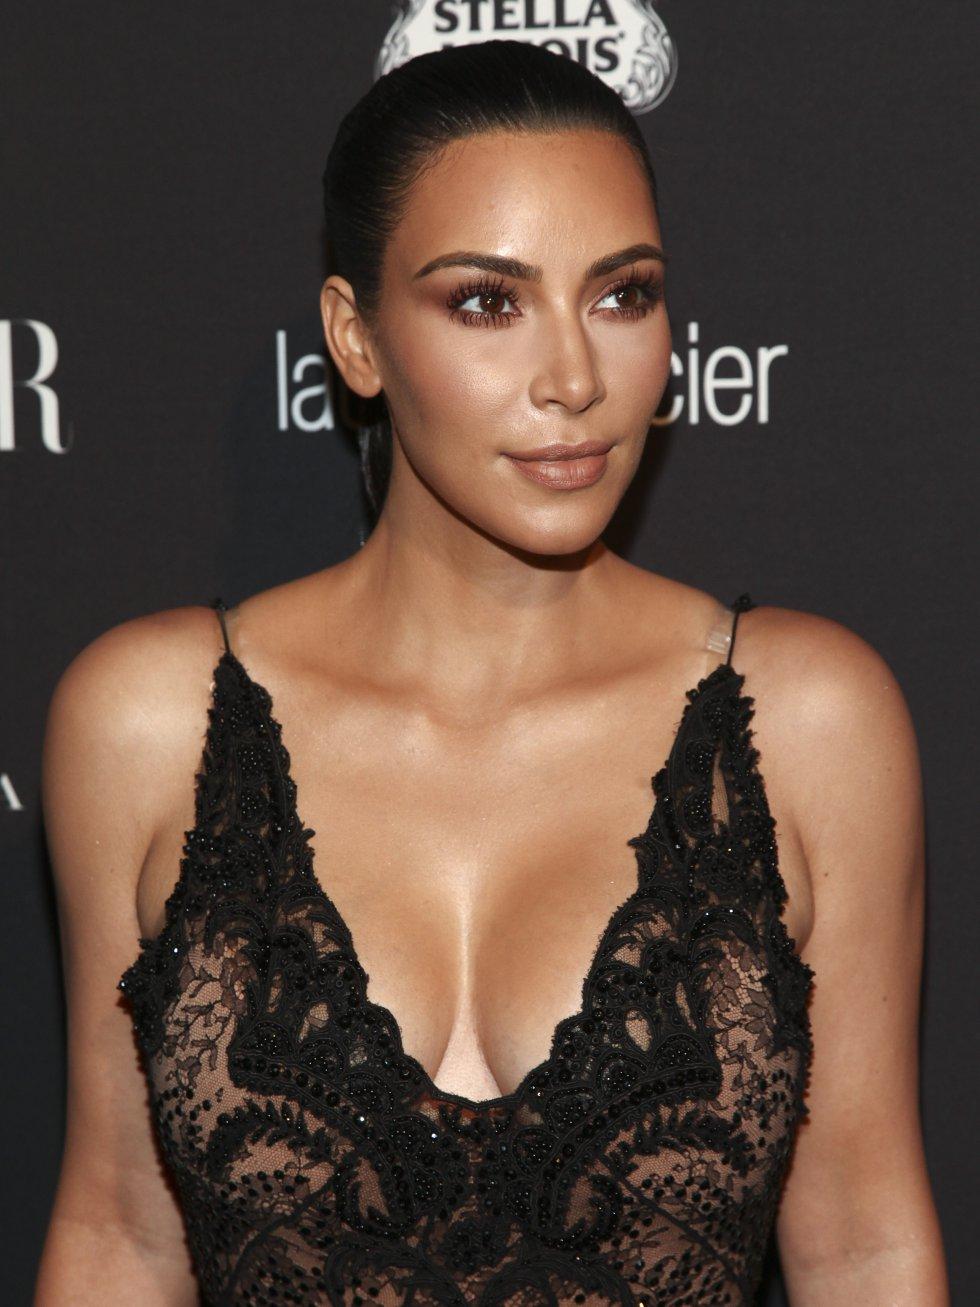 Además ha asistiendo a este gran evento del mundo de la moda sin maquillaje, uniéndose a la nueva tendencia que la cantante Alicia Keys ha promovido.